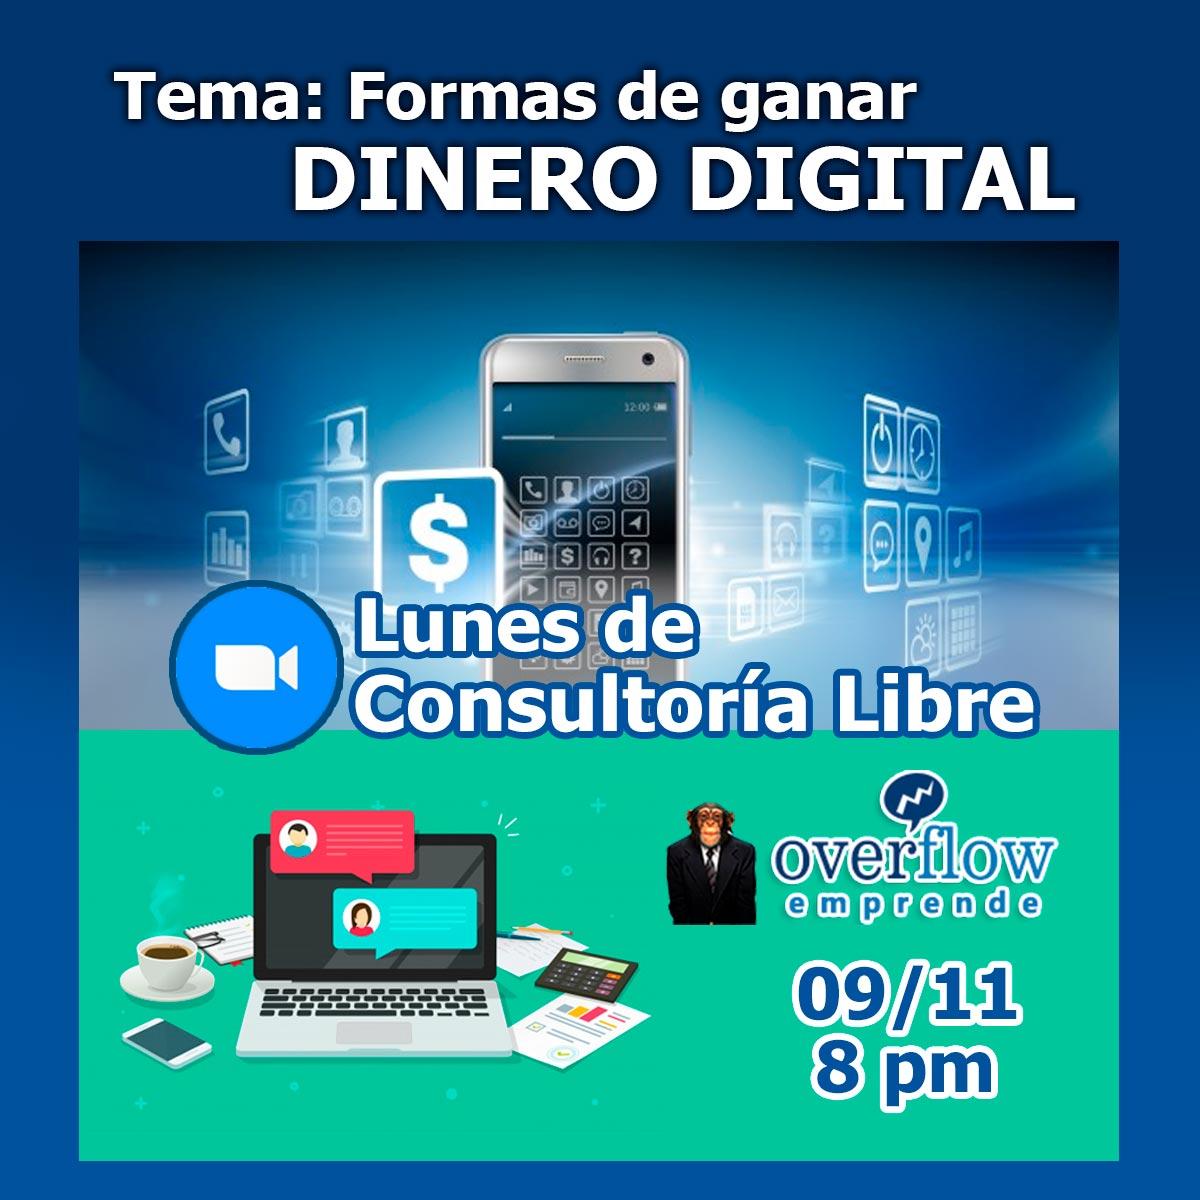 Sesión 3 - Formas de Ganar Dinero Digital - Lunes de Consultoría Libre - Overflow.pe